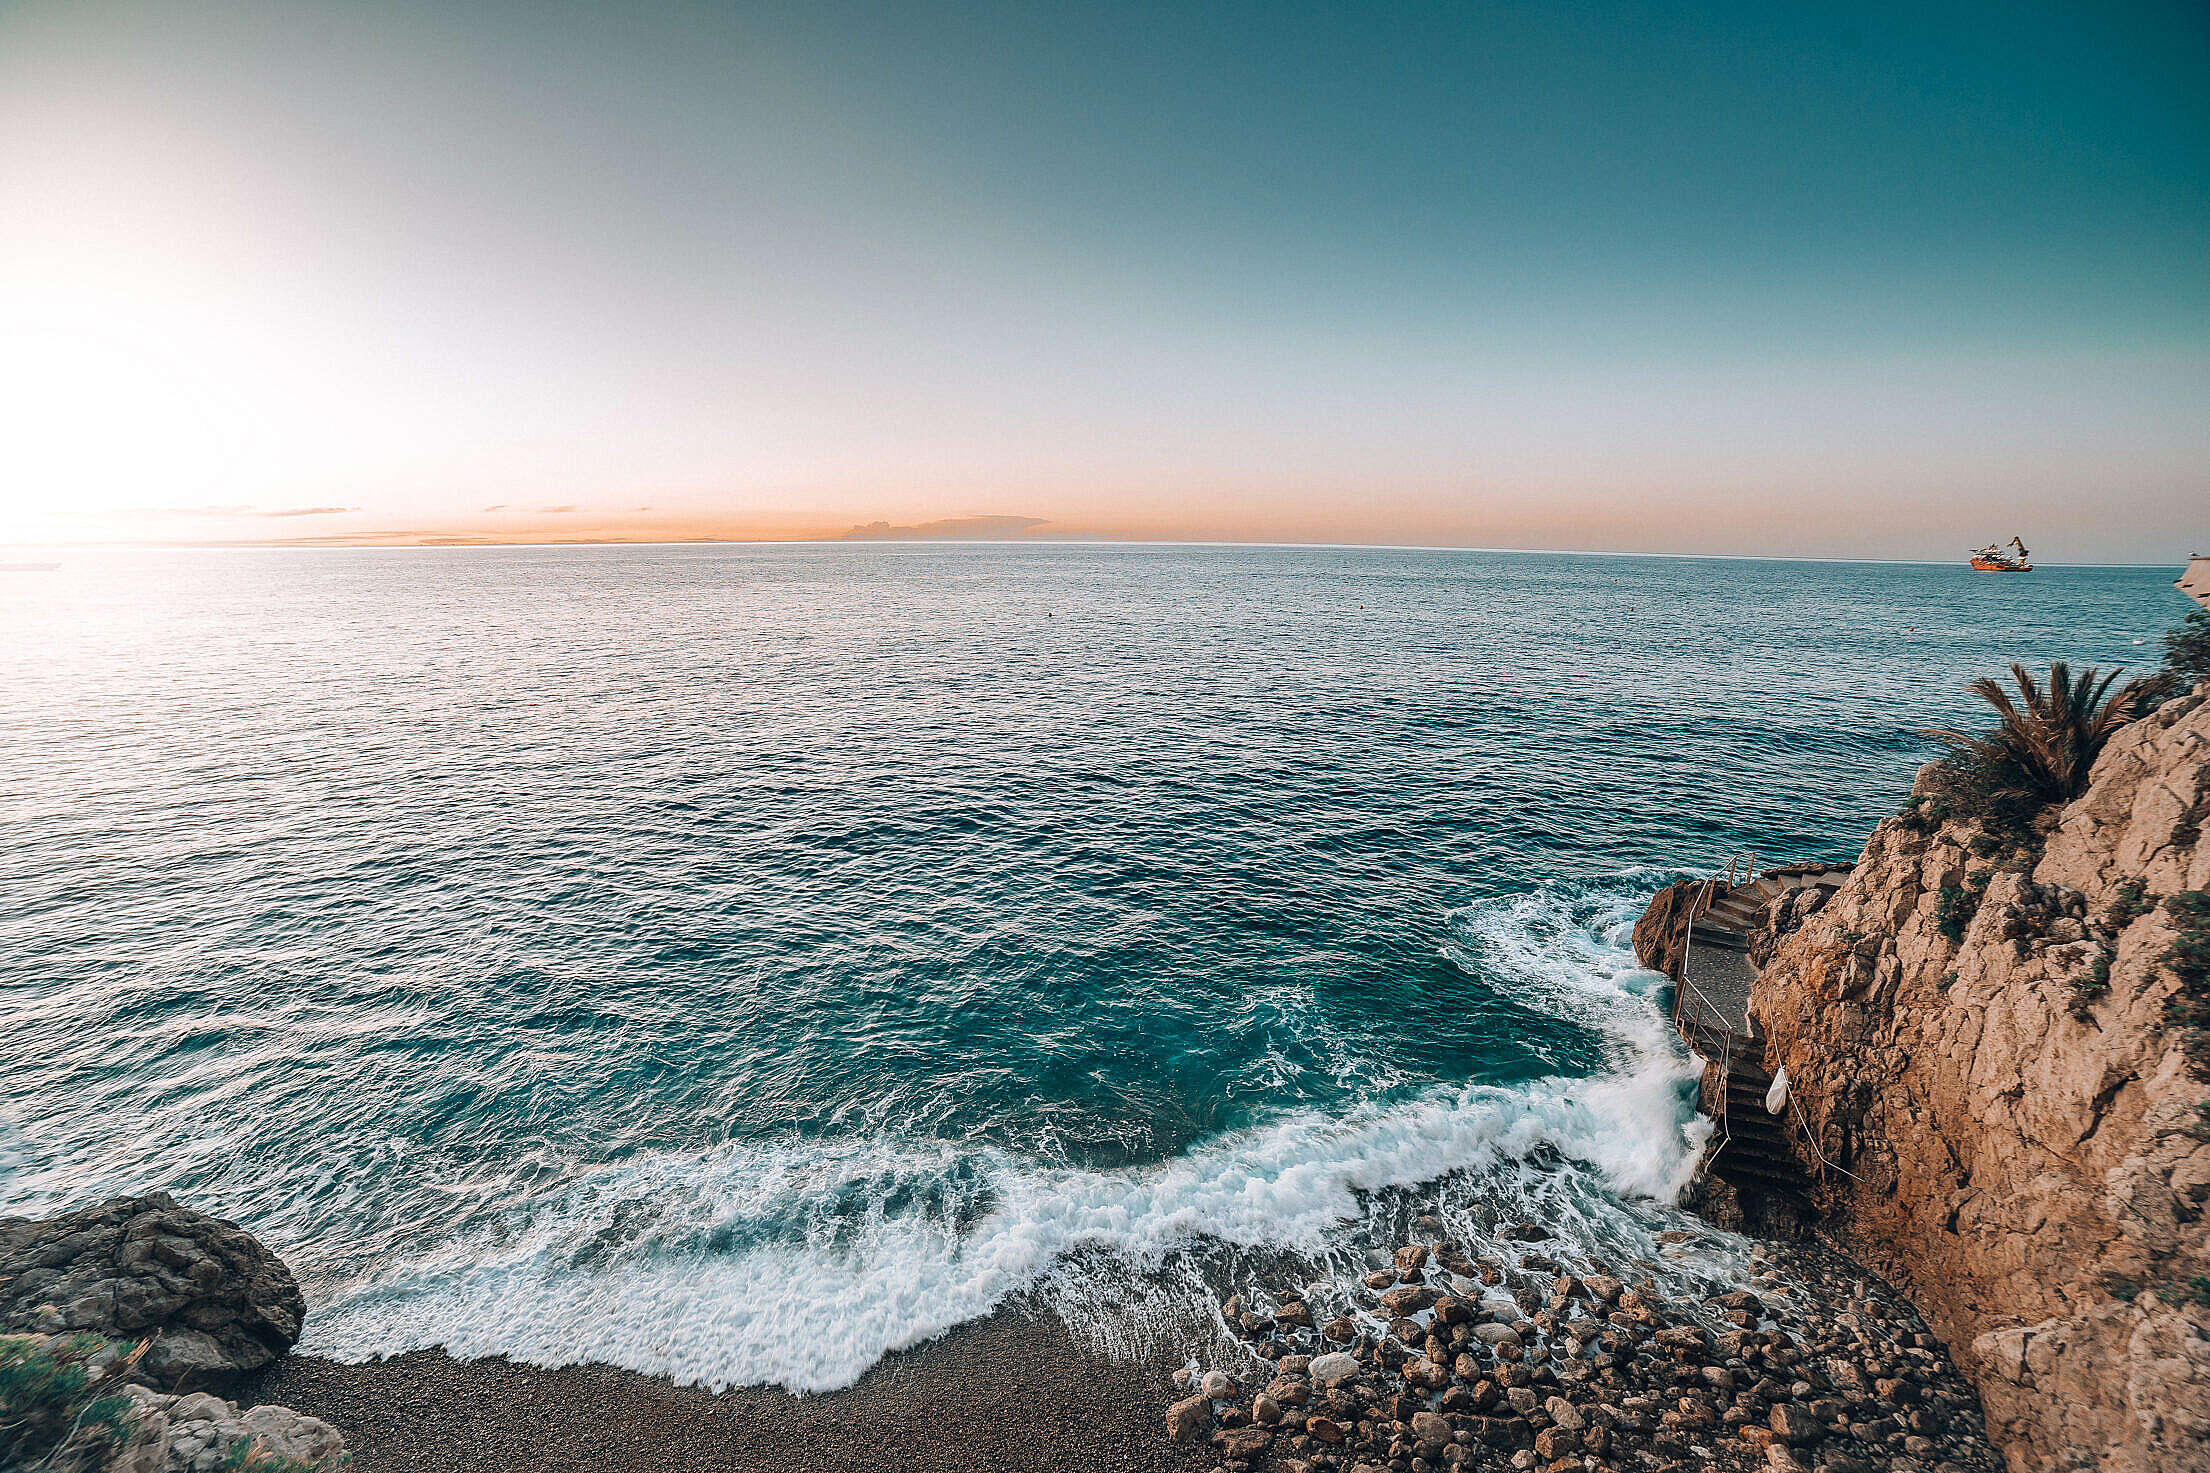 Sunrise over The Sea in Monaco Free Stock Photo